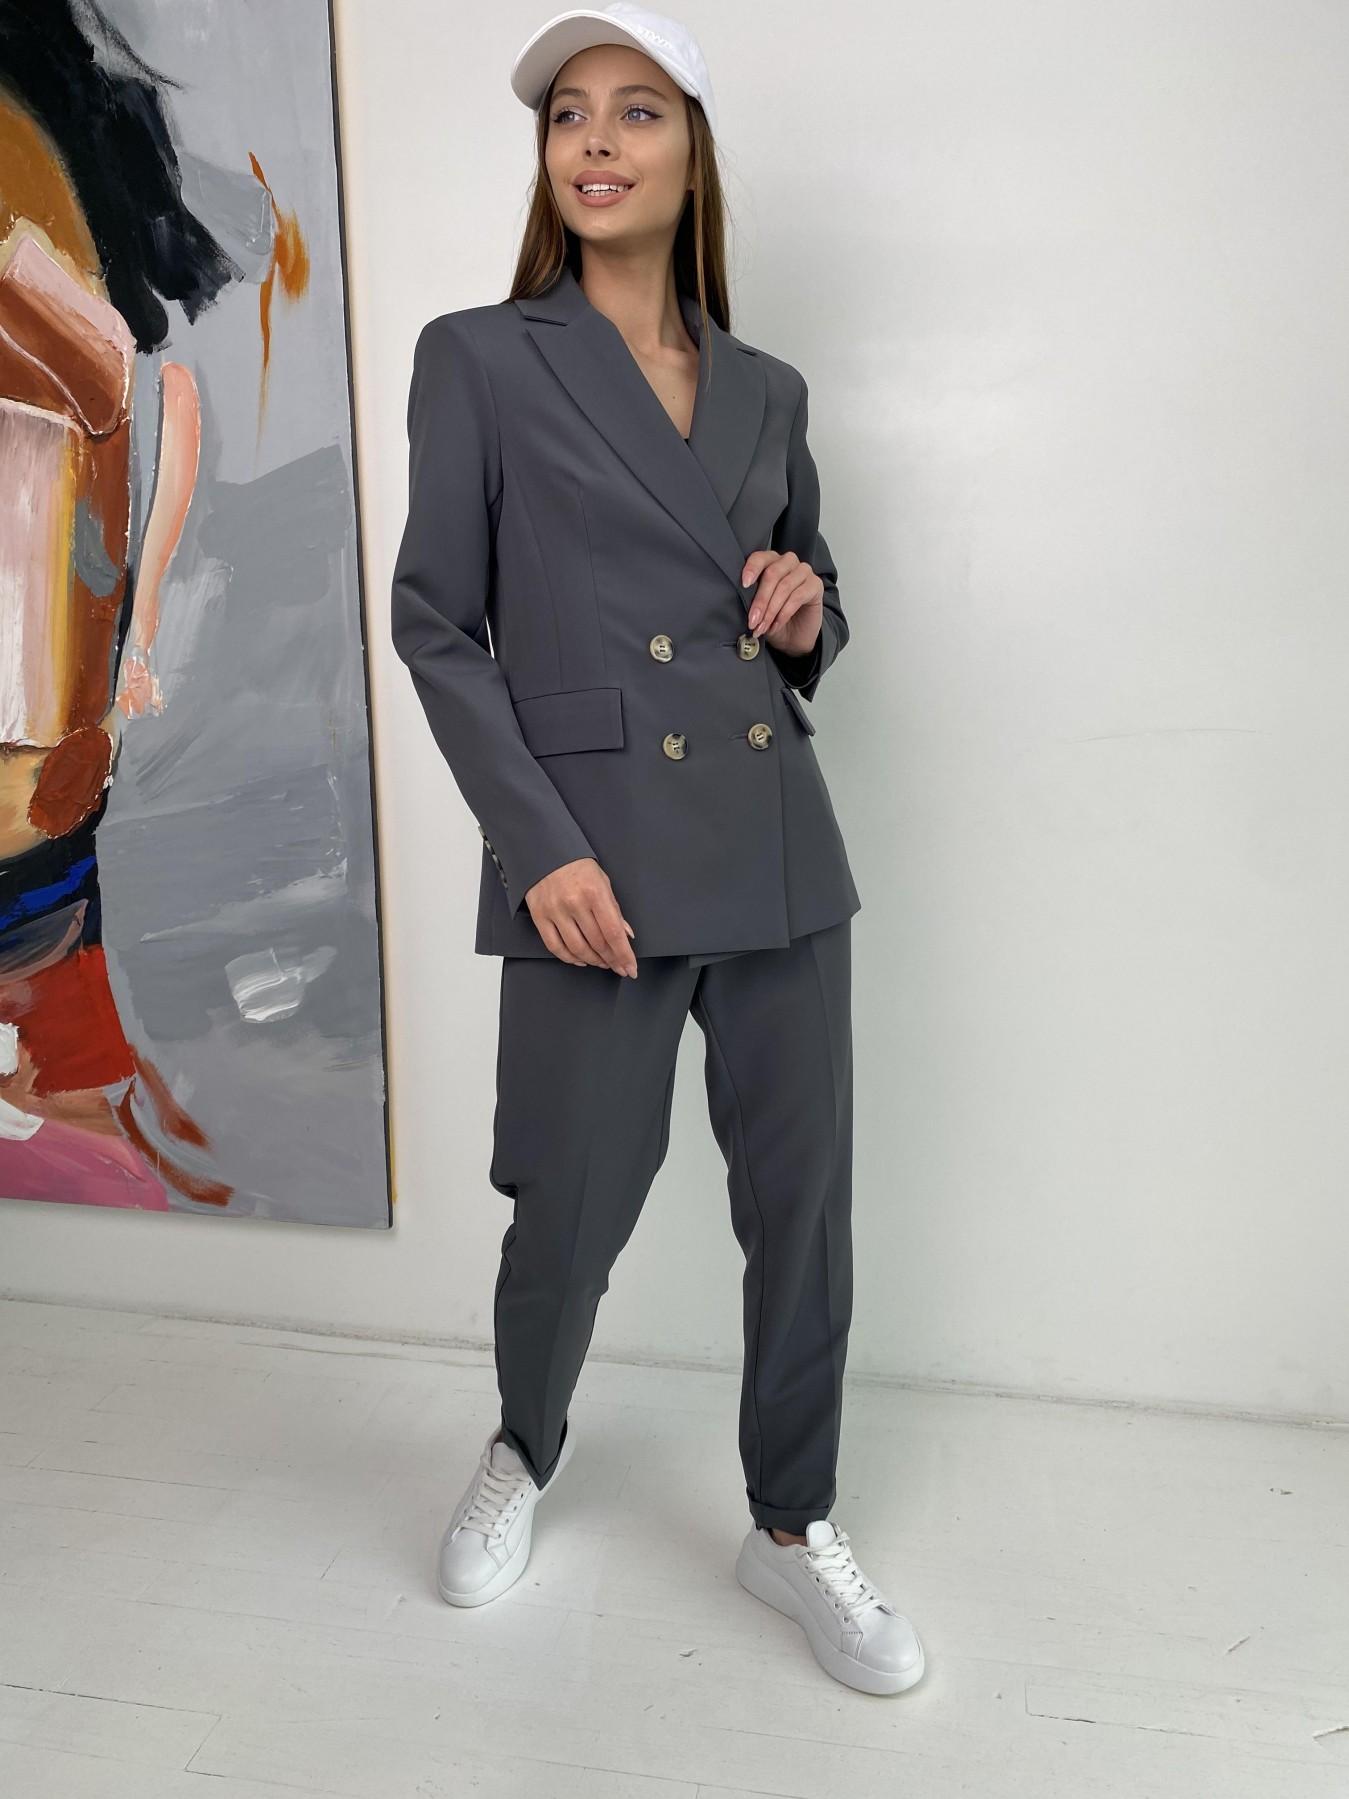 Франко костюм из костюмной ткани 11090 АРТ. 47975 Цвет: Графит - фото 2, интернет магазин tm-modus.ru